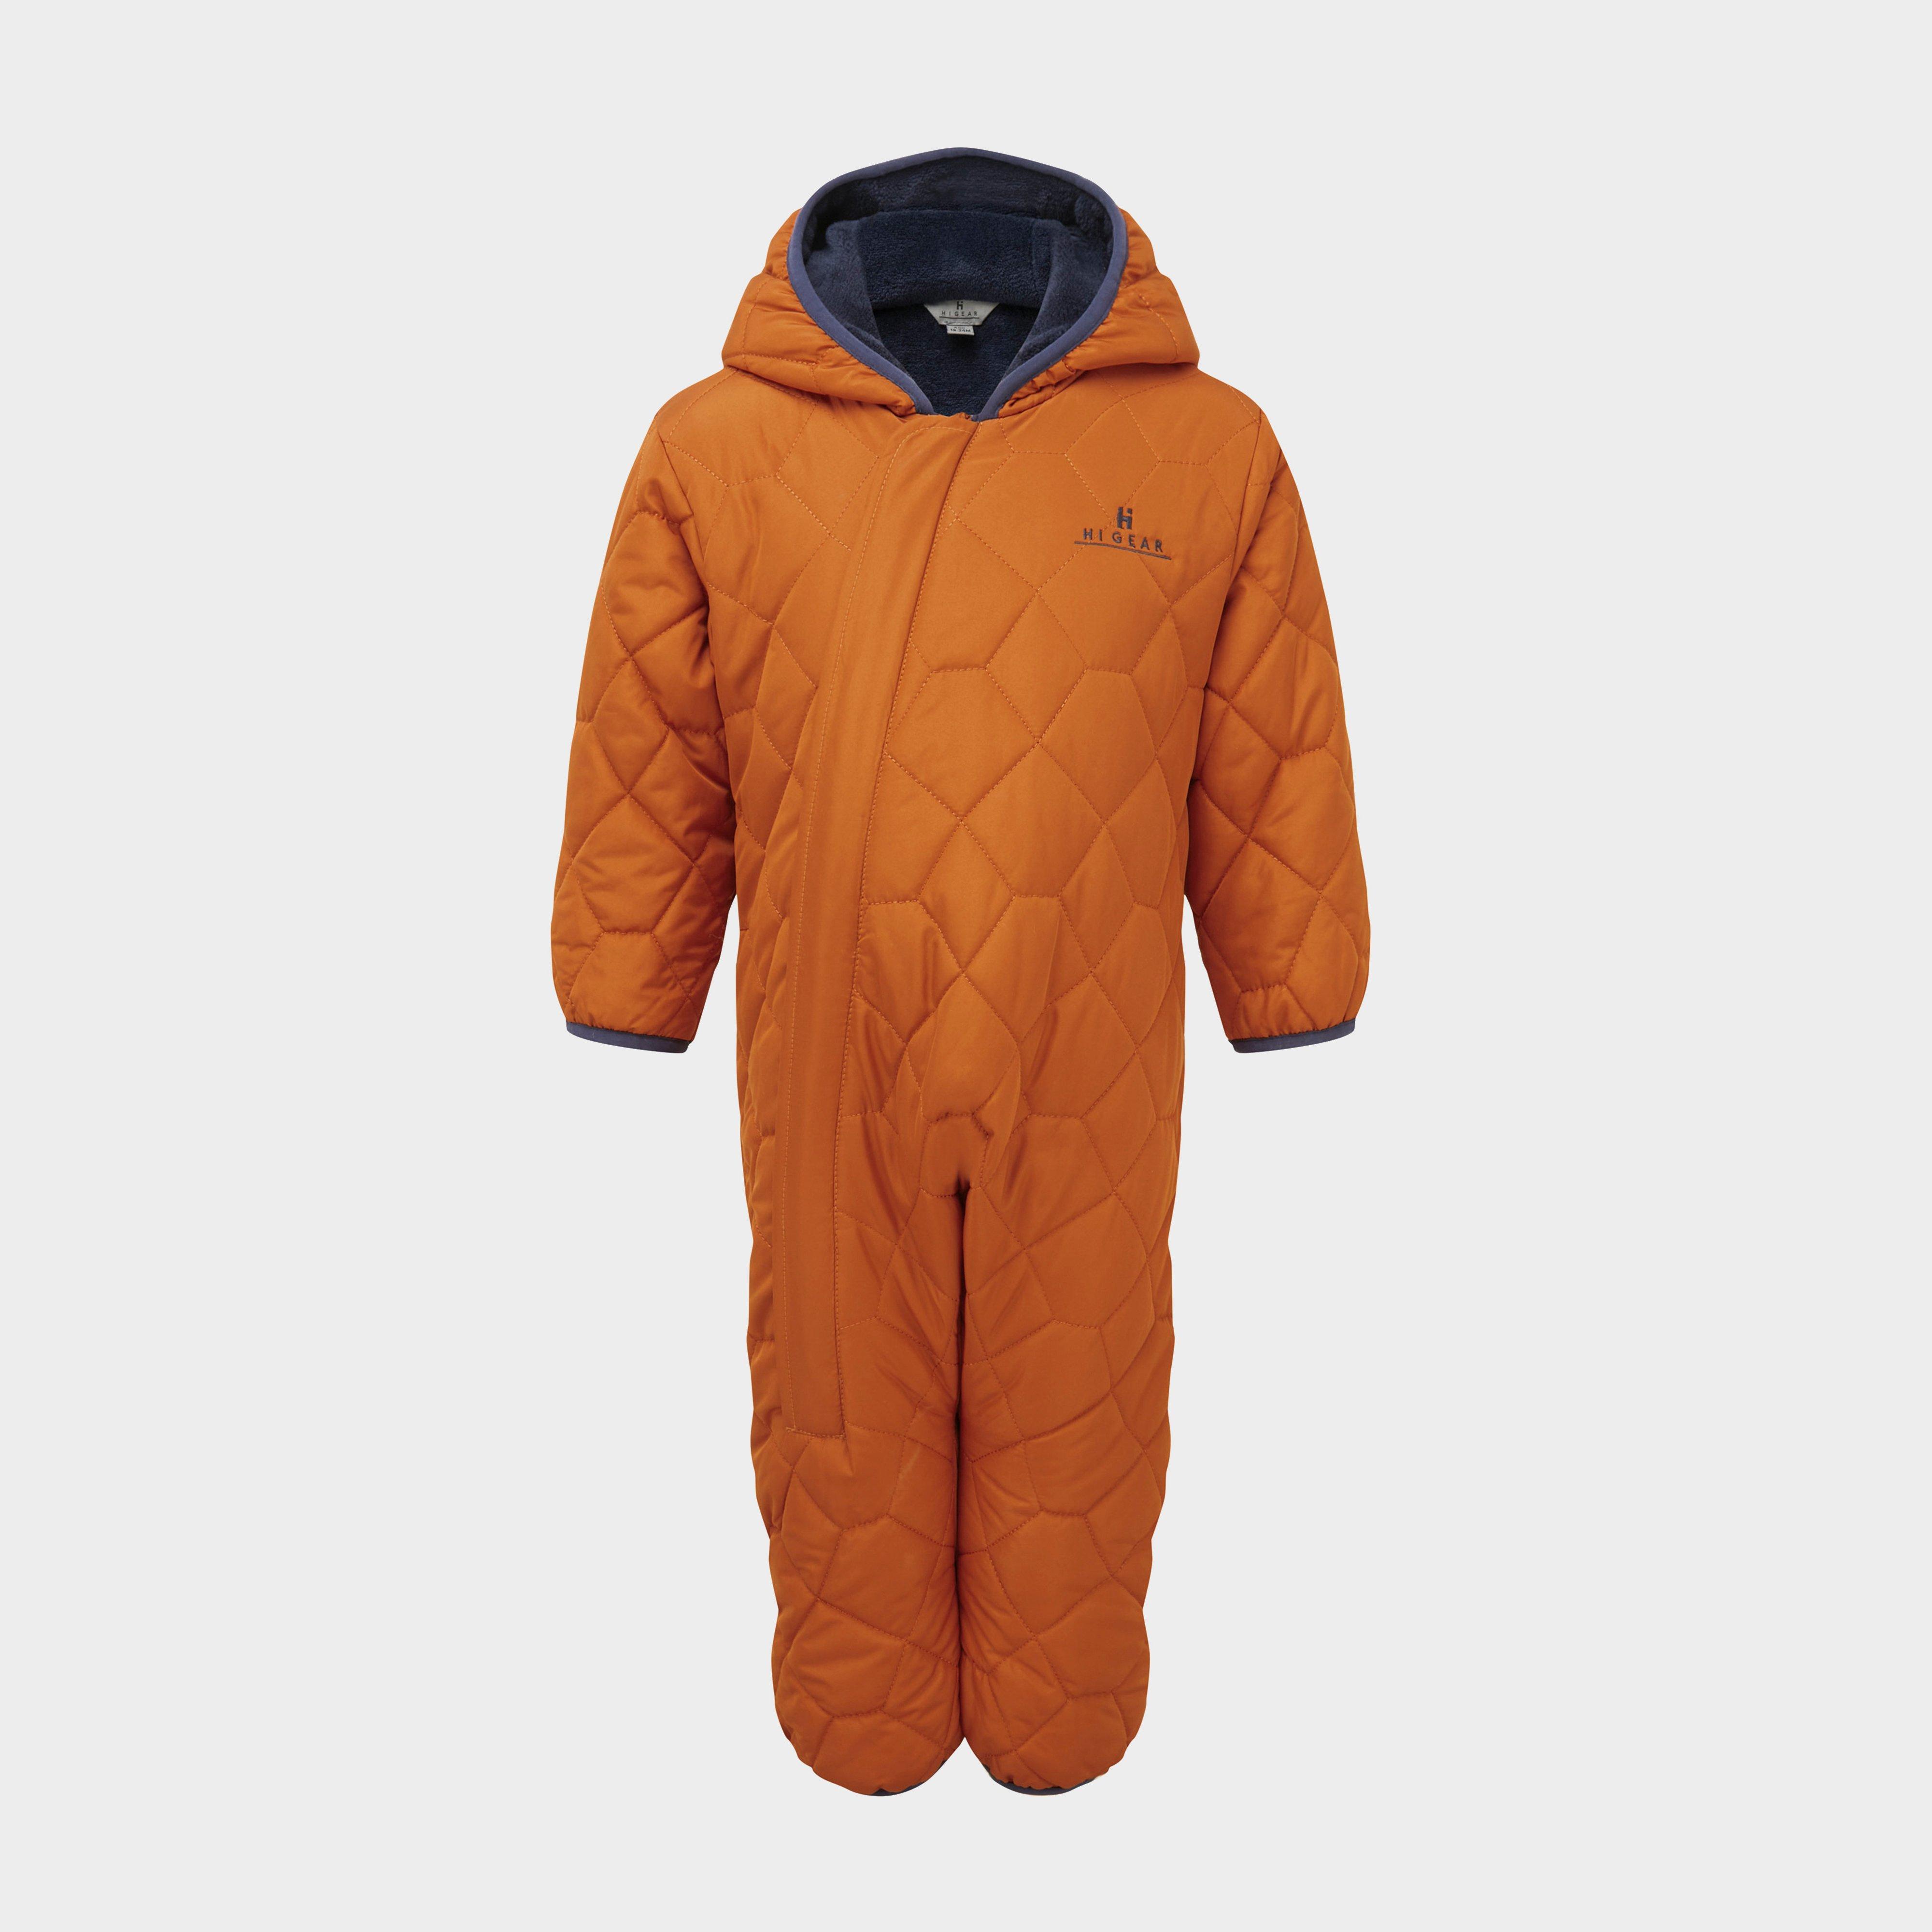 Hi-Gear Hi-Gear Geo Snuggle Suit, Orange